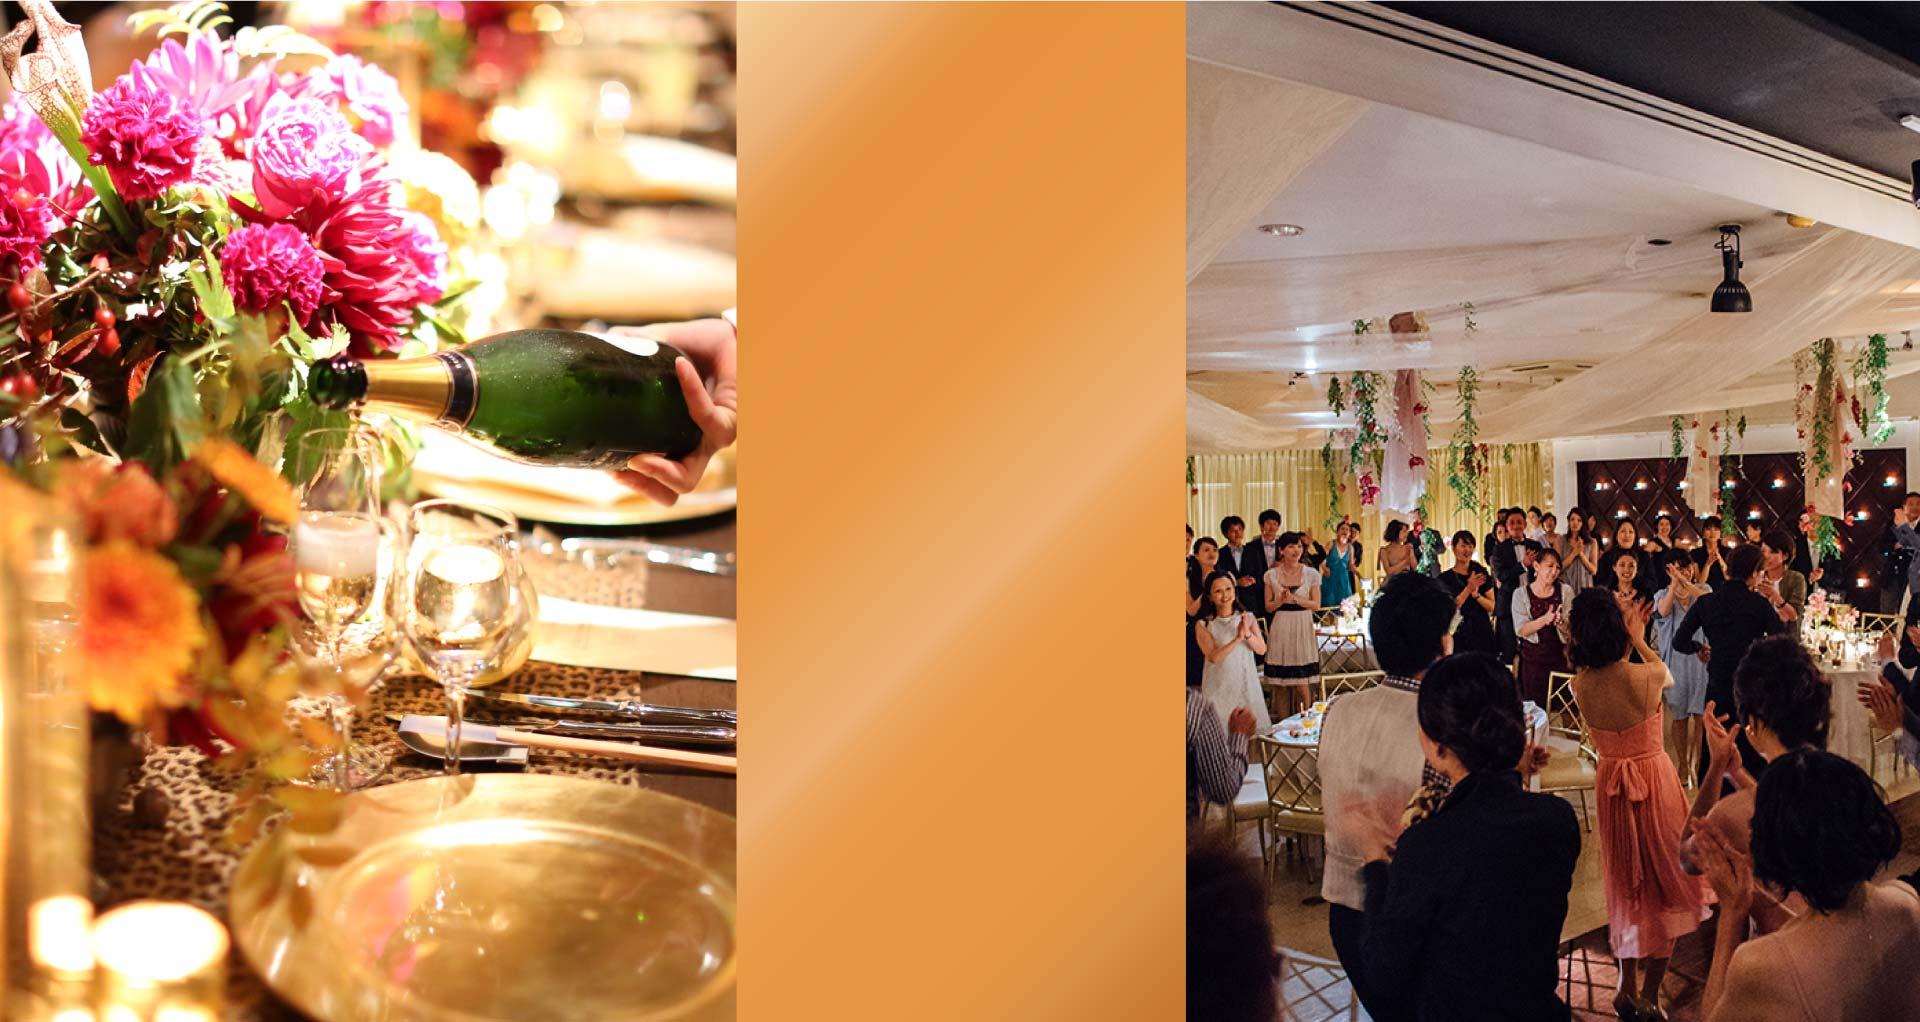 岡山市内 マグリット パーティ&イベント 空間、時間、人間(じんかん)を徹底的にコーディネート